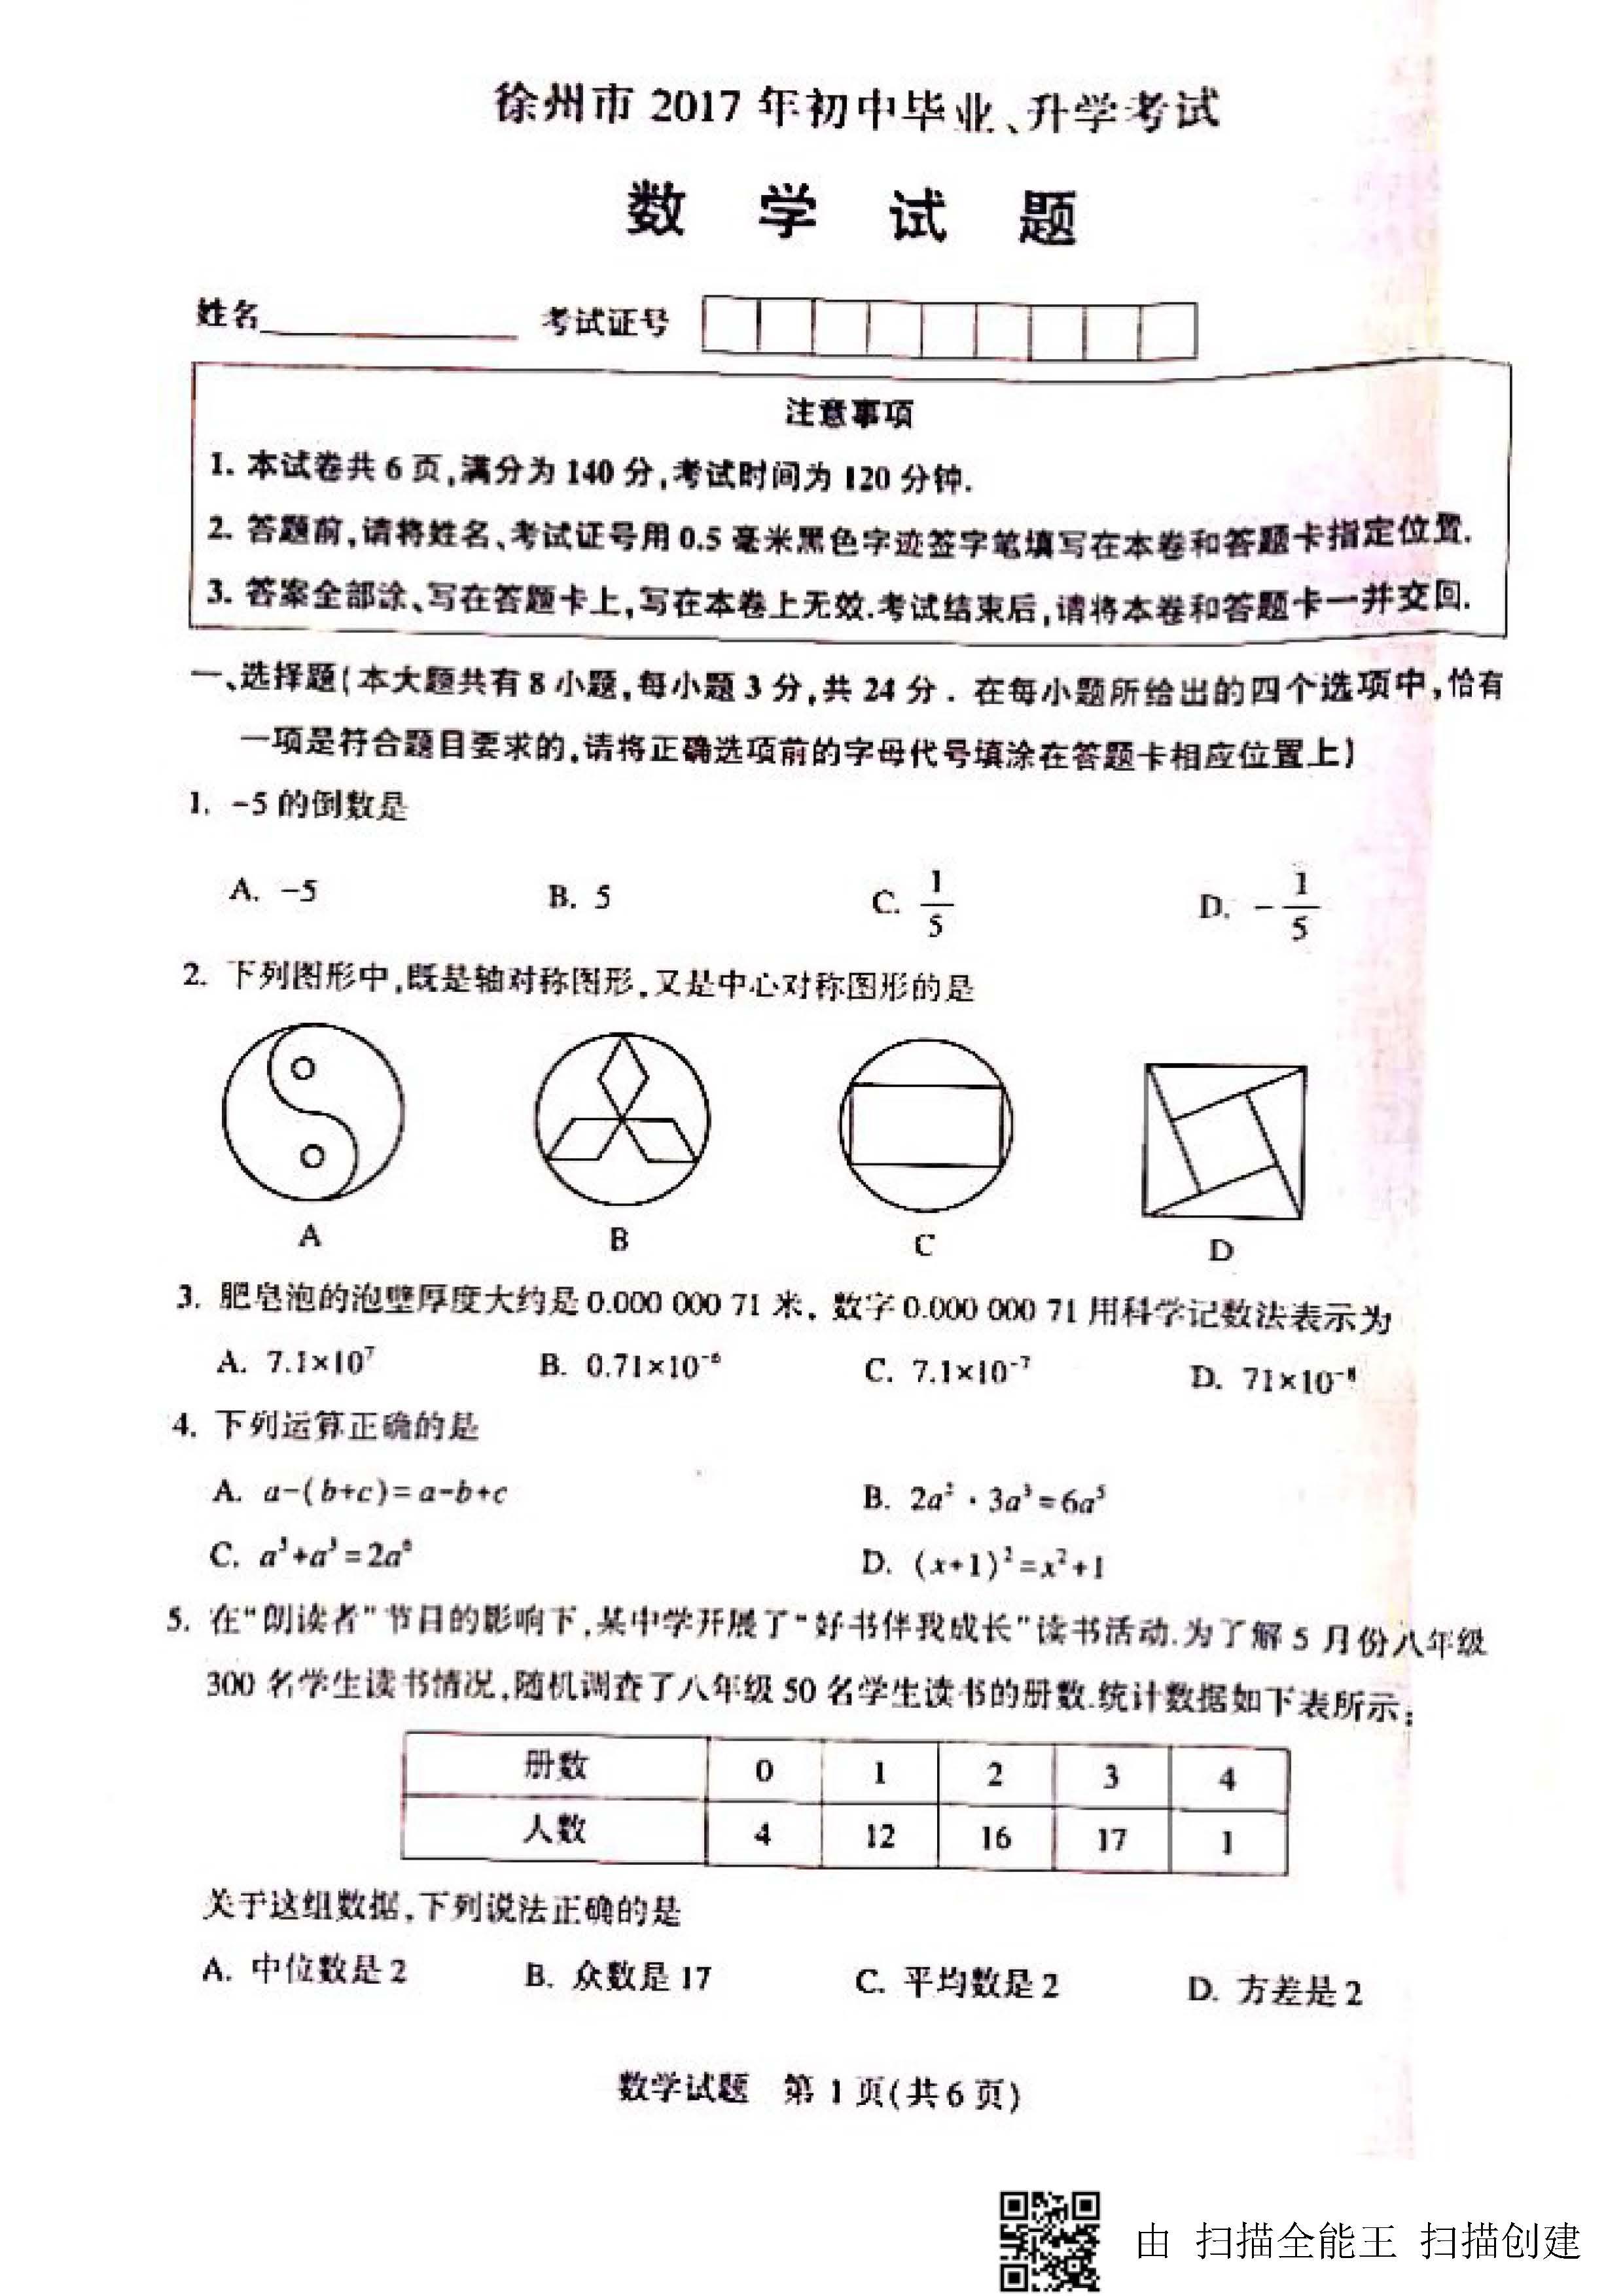 2017徐州中考数学试题及答案解析(图片版无答案)